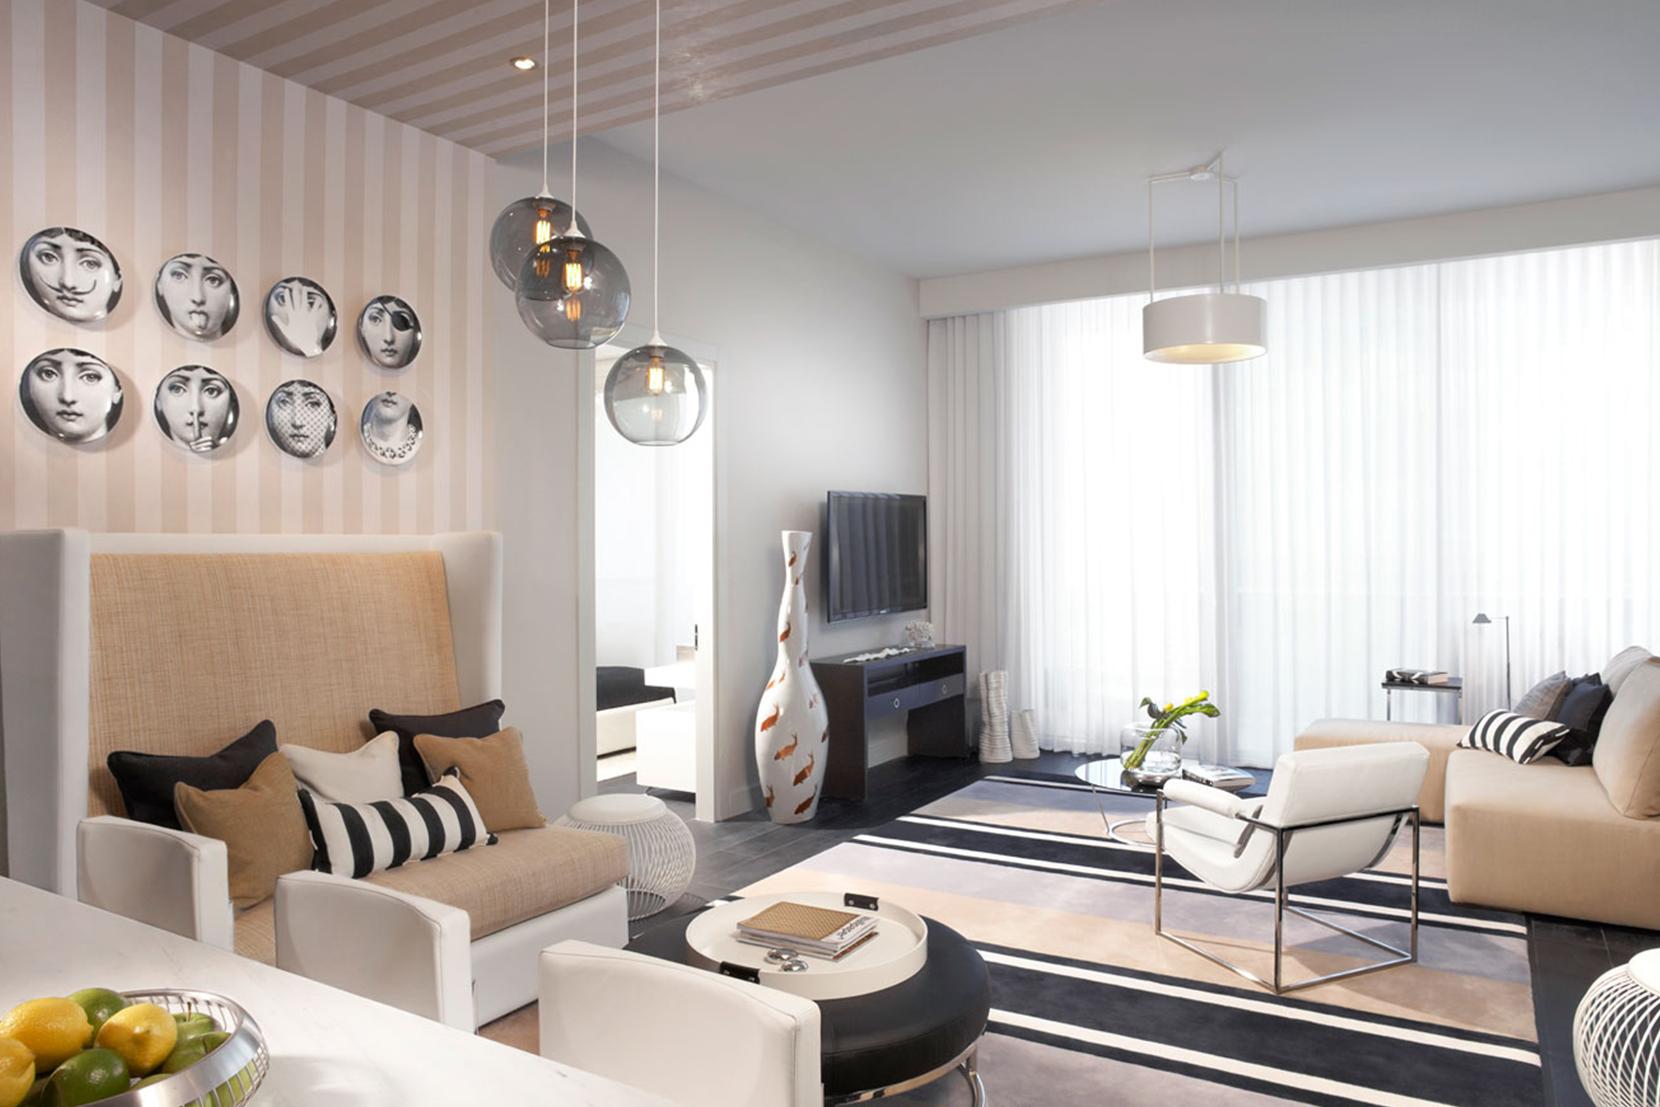 Modern Glass Living Room Lighting - Gray Solitaire Pendant Lights